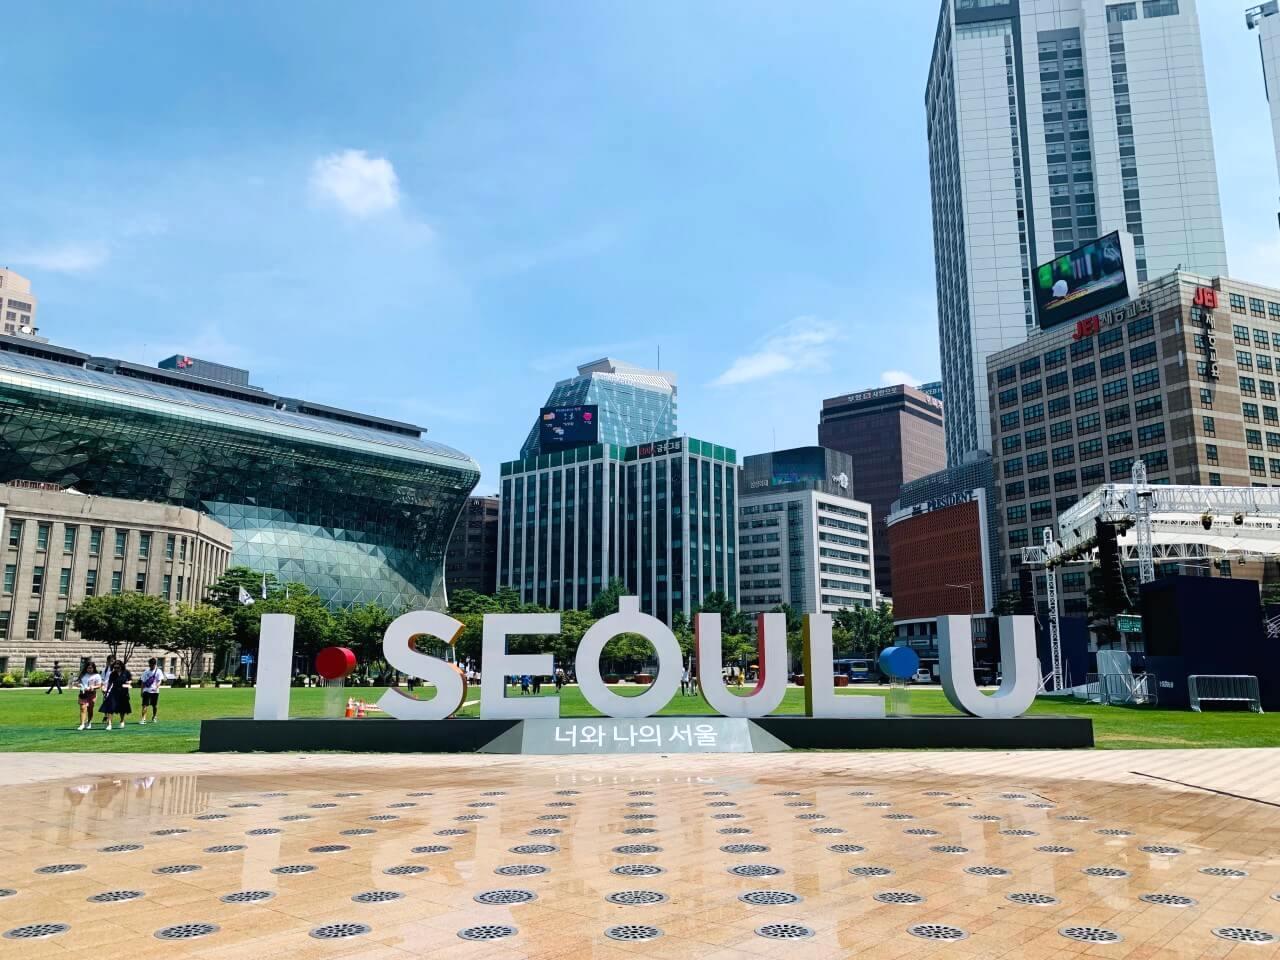 【首爾景點推薦】2020首爾IG景點總整理,免門票首爾私房景點